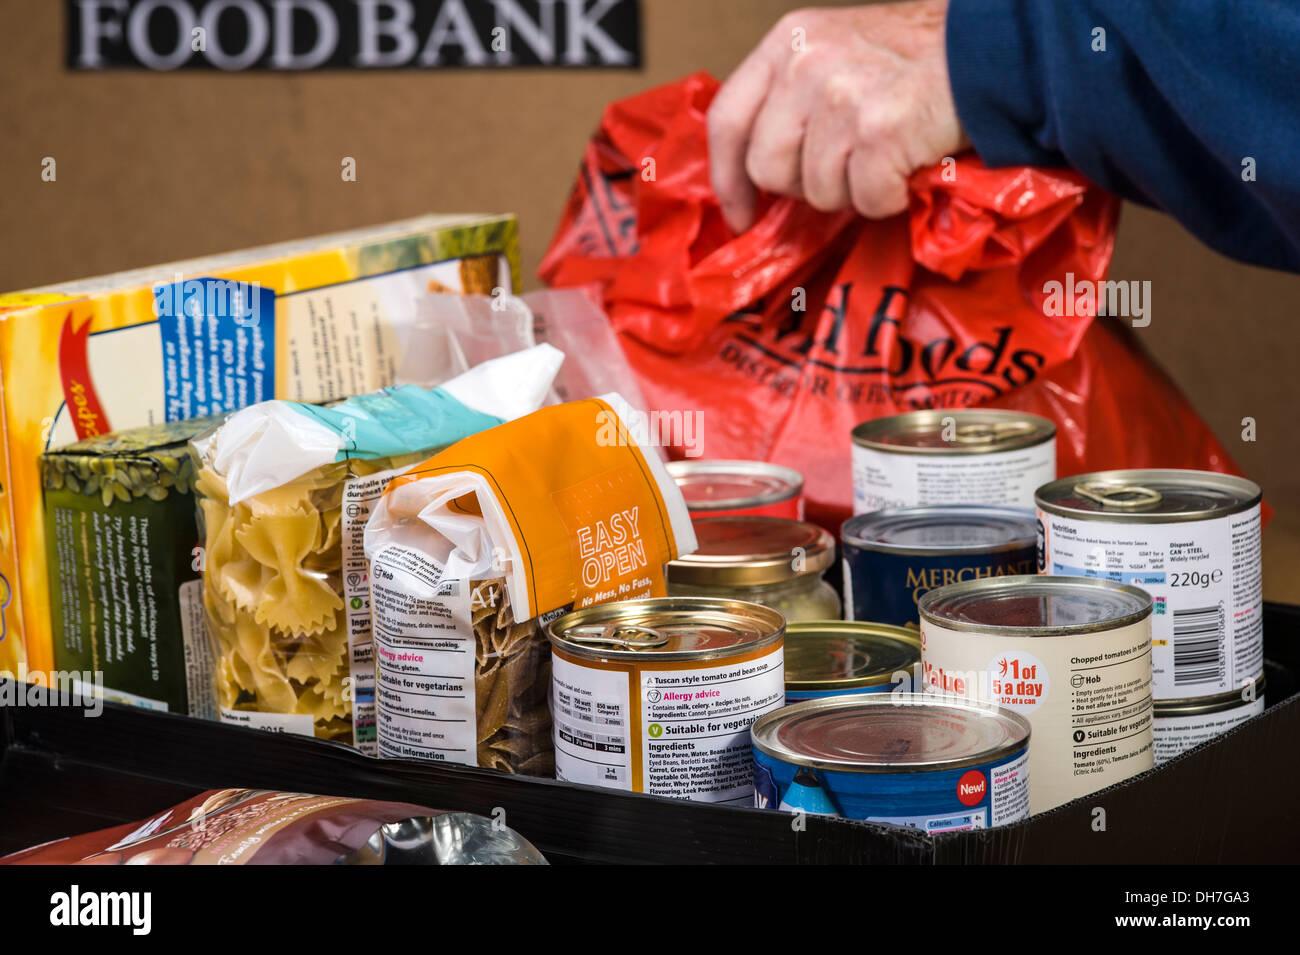 Preparing a food box at a food bank. - Stock Image